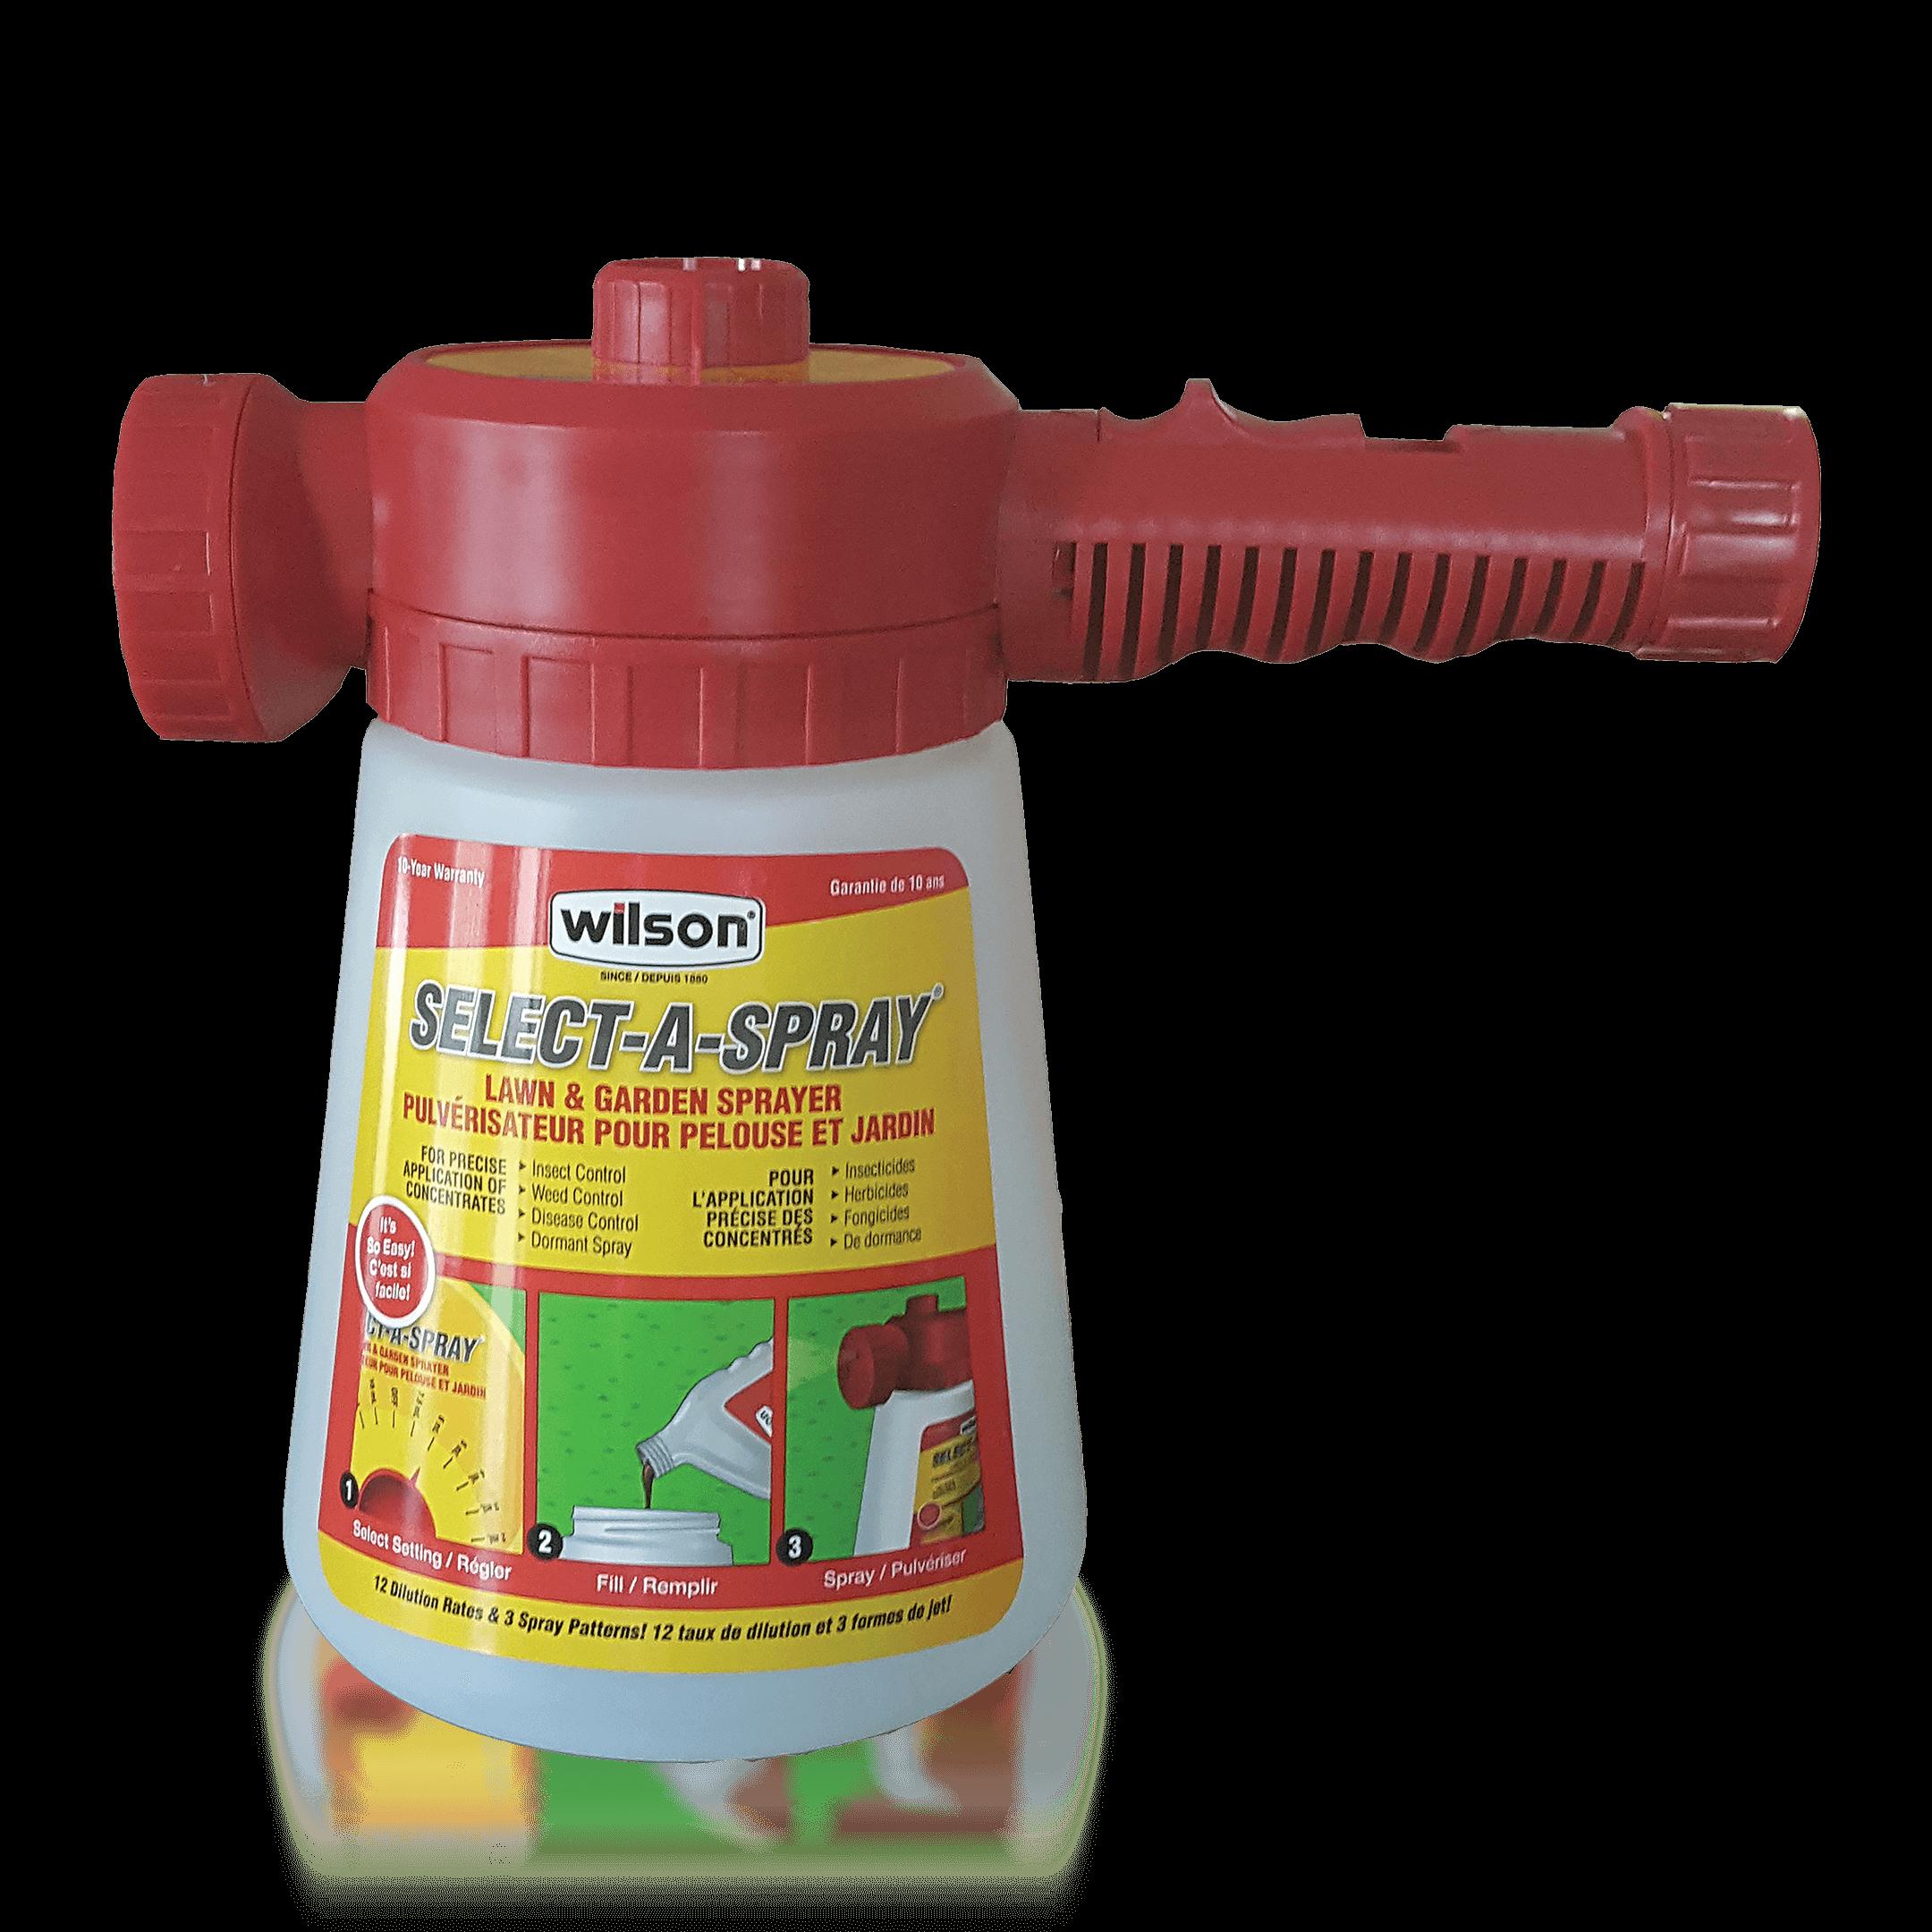 Hose Spray Nozzle >> Select-A-Spray® Lawn & Garden Sprayer